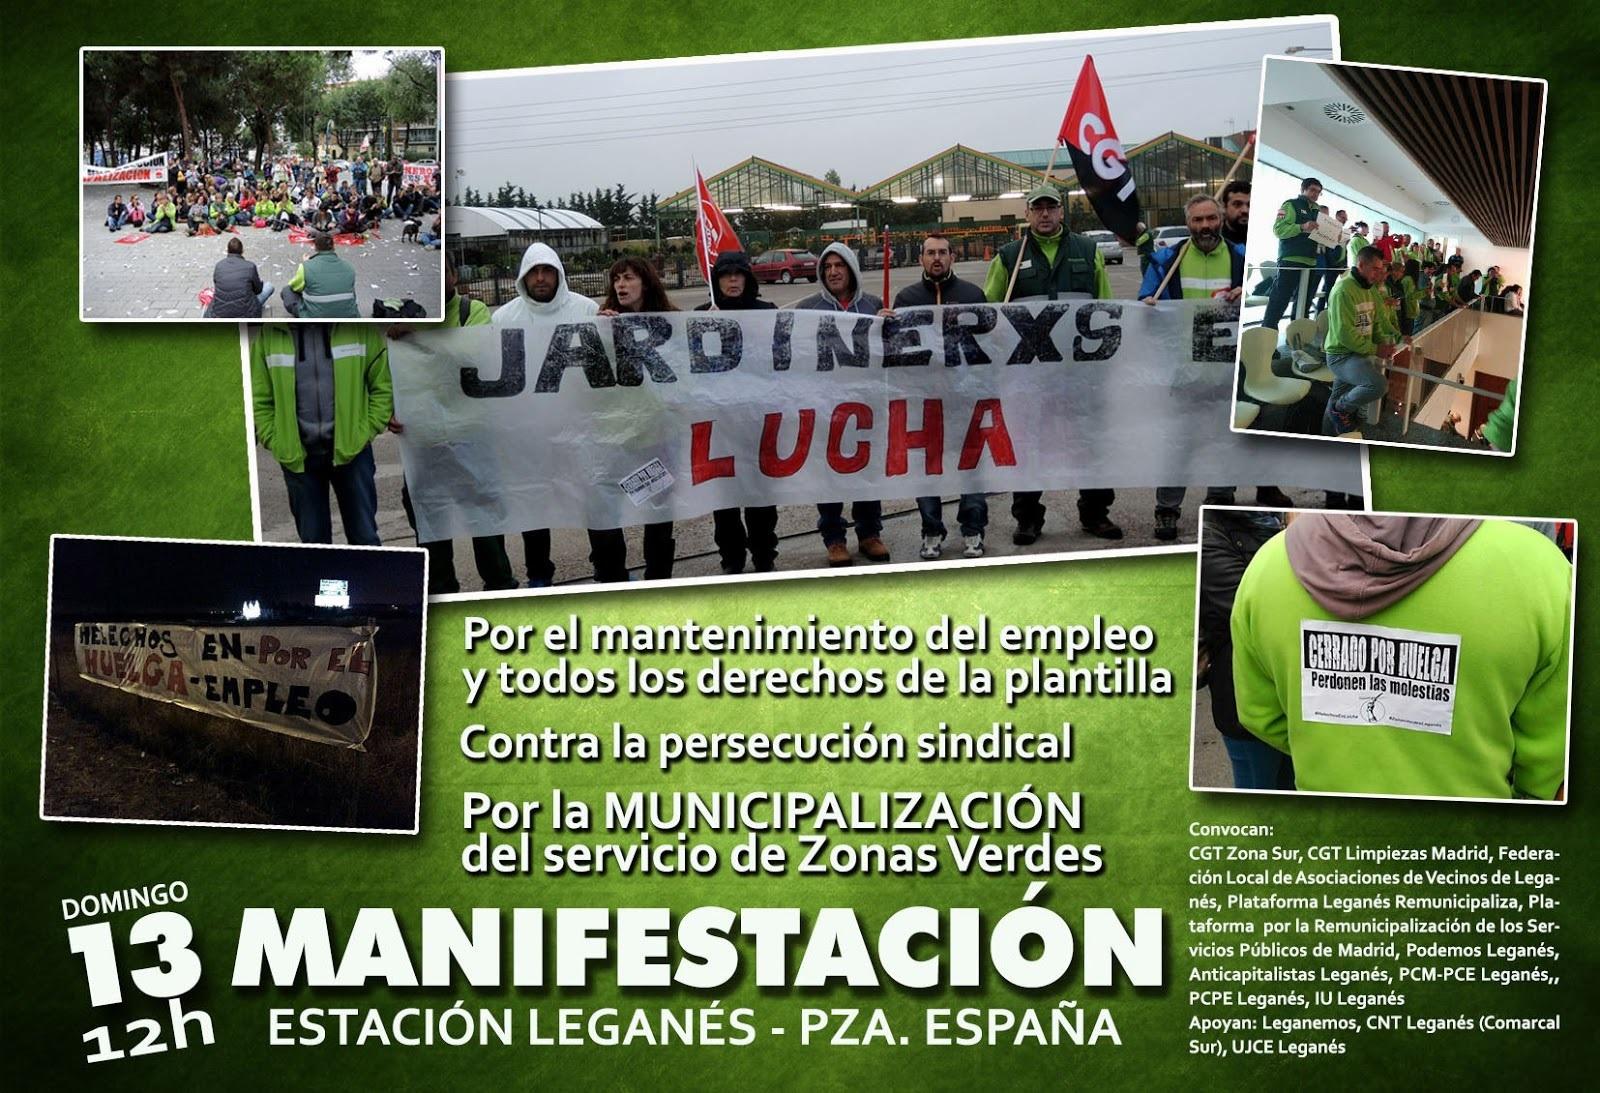 Manifestación por los servicios zonas verdes